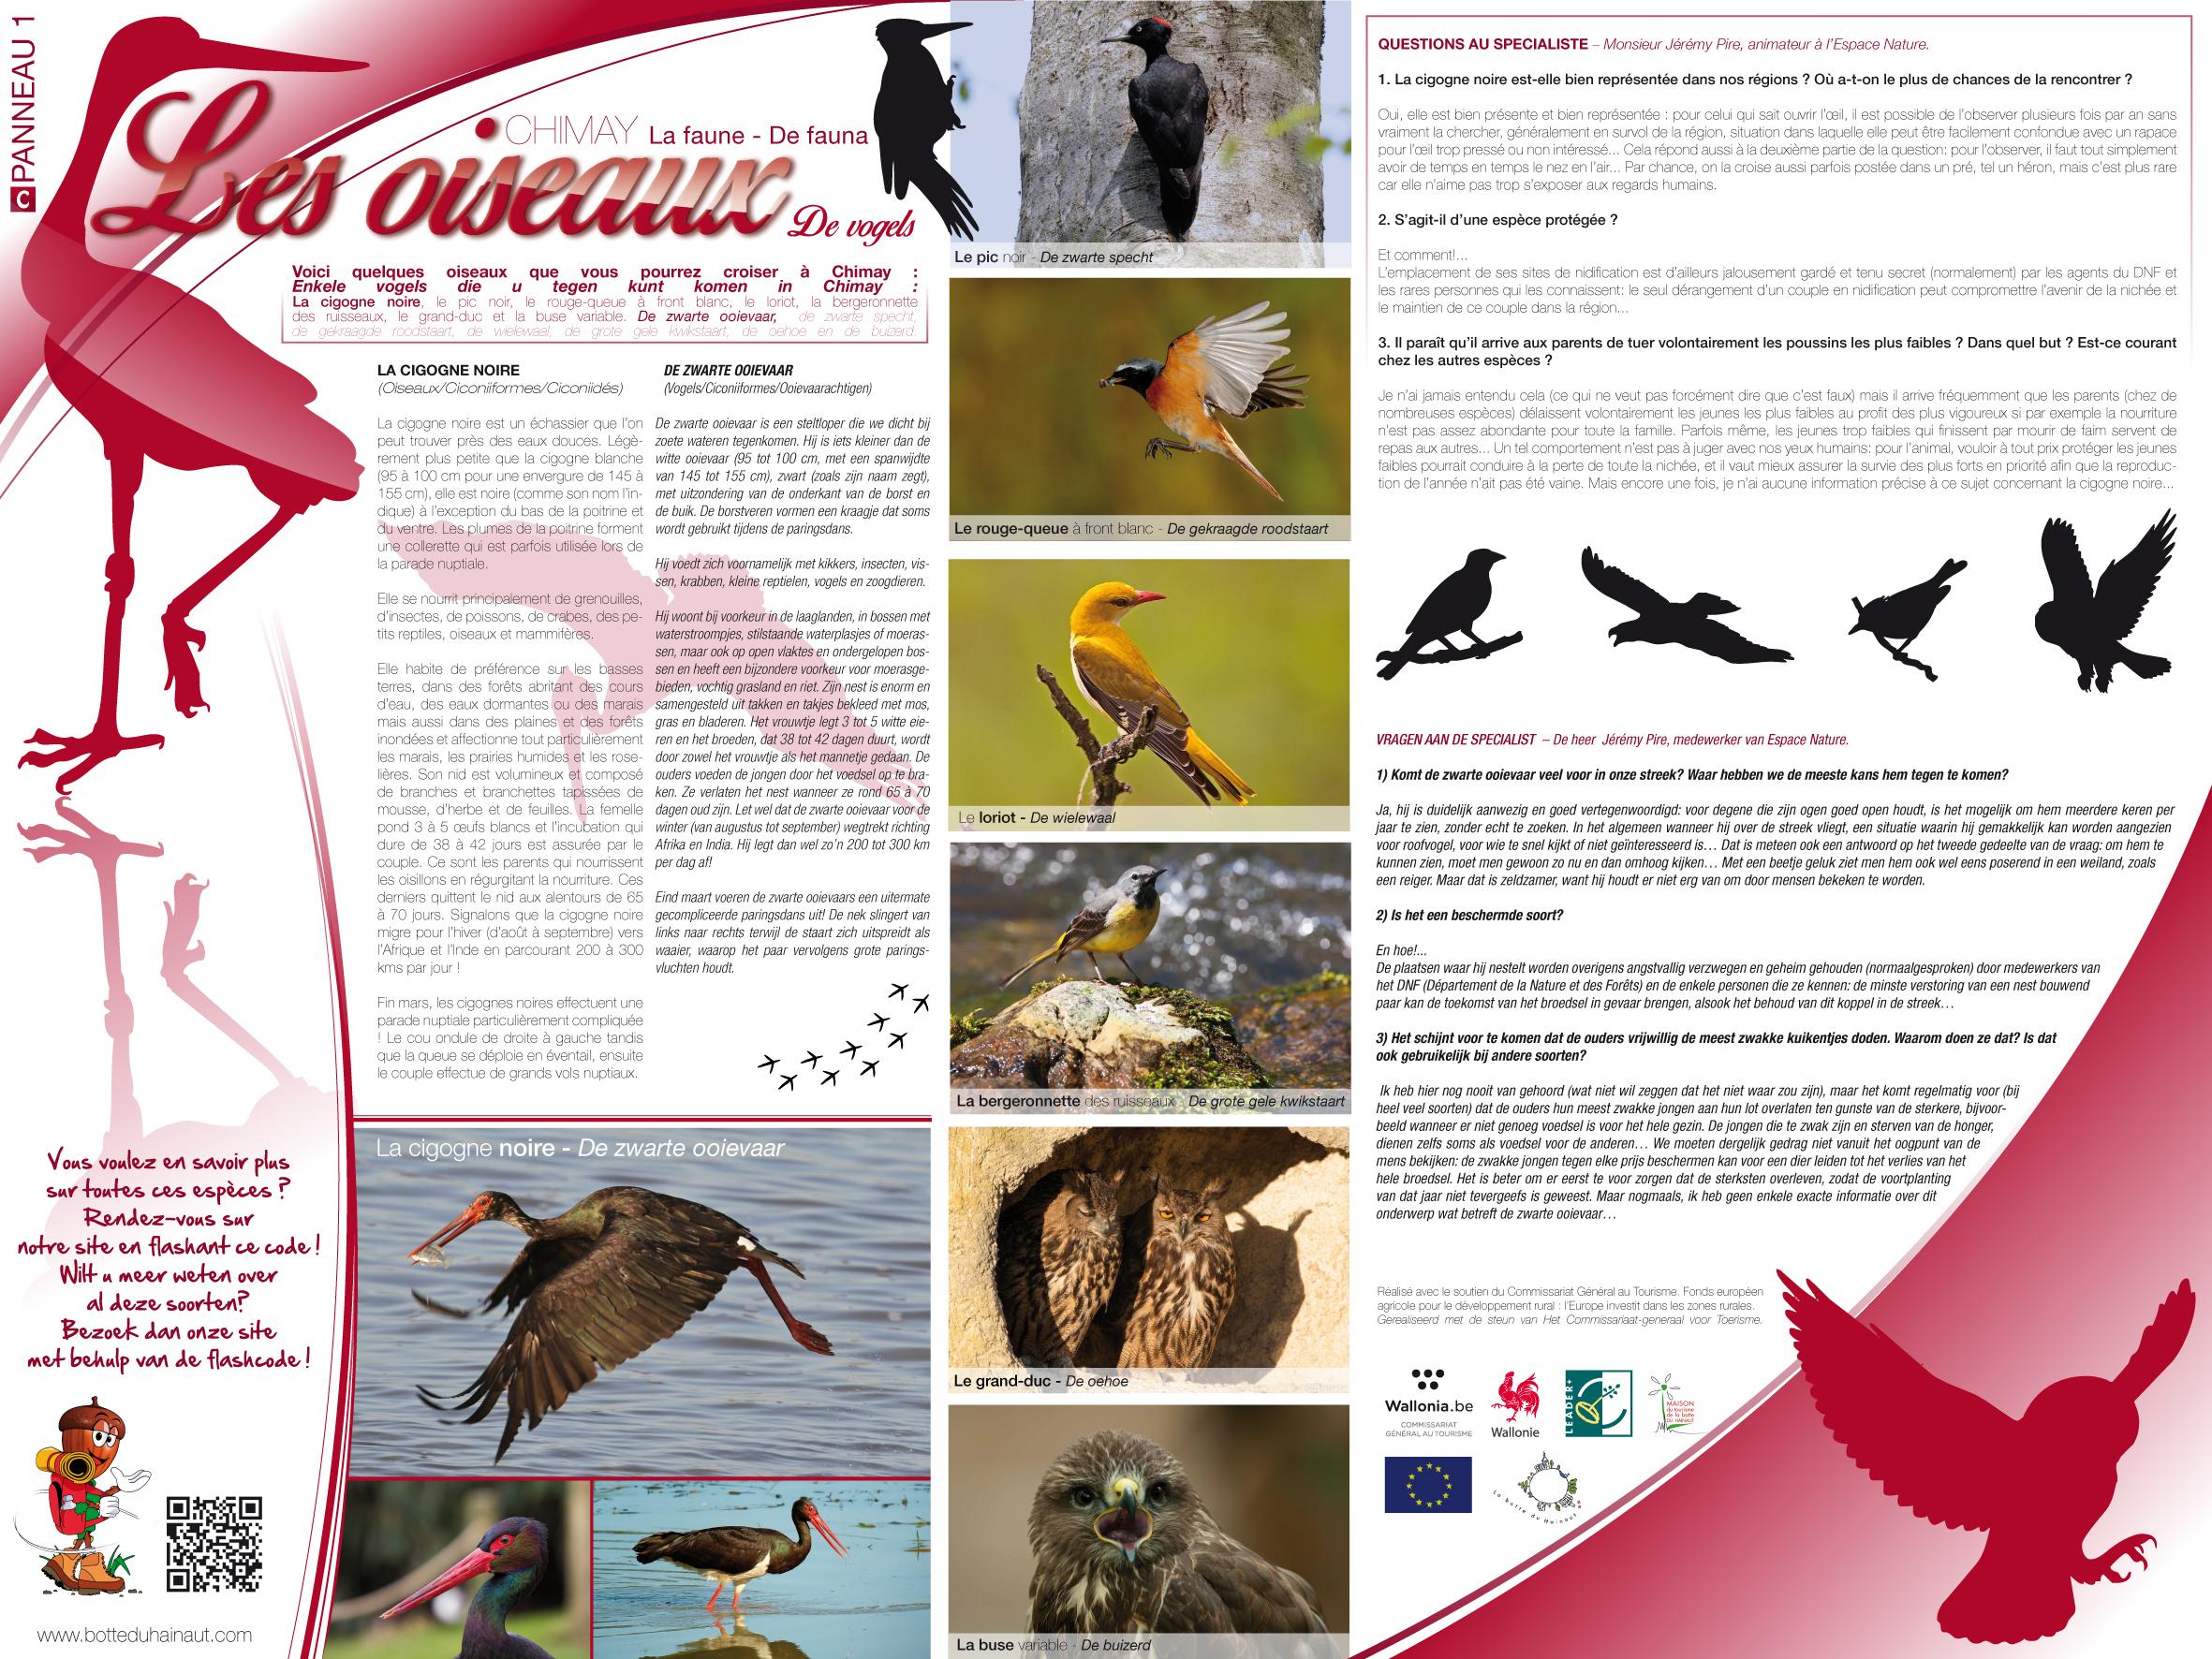 Chimay_La faune_Les oiseaux